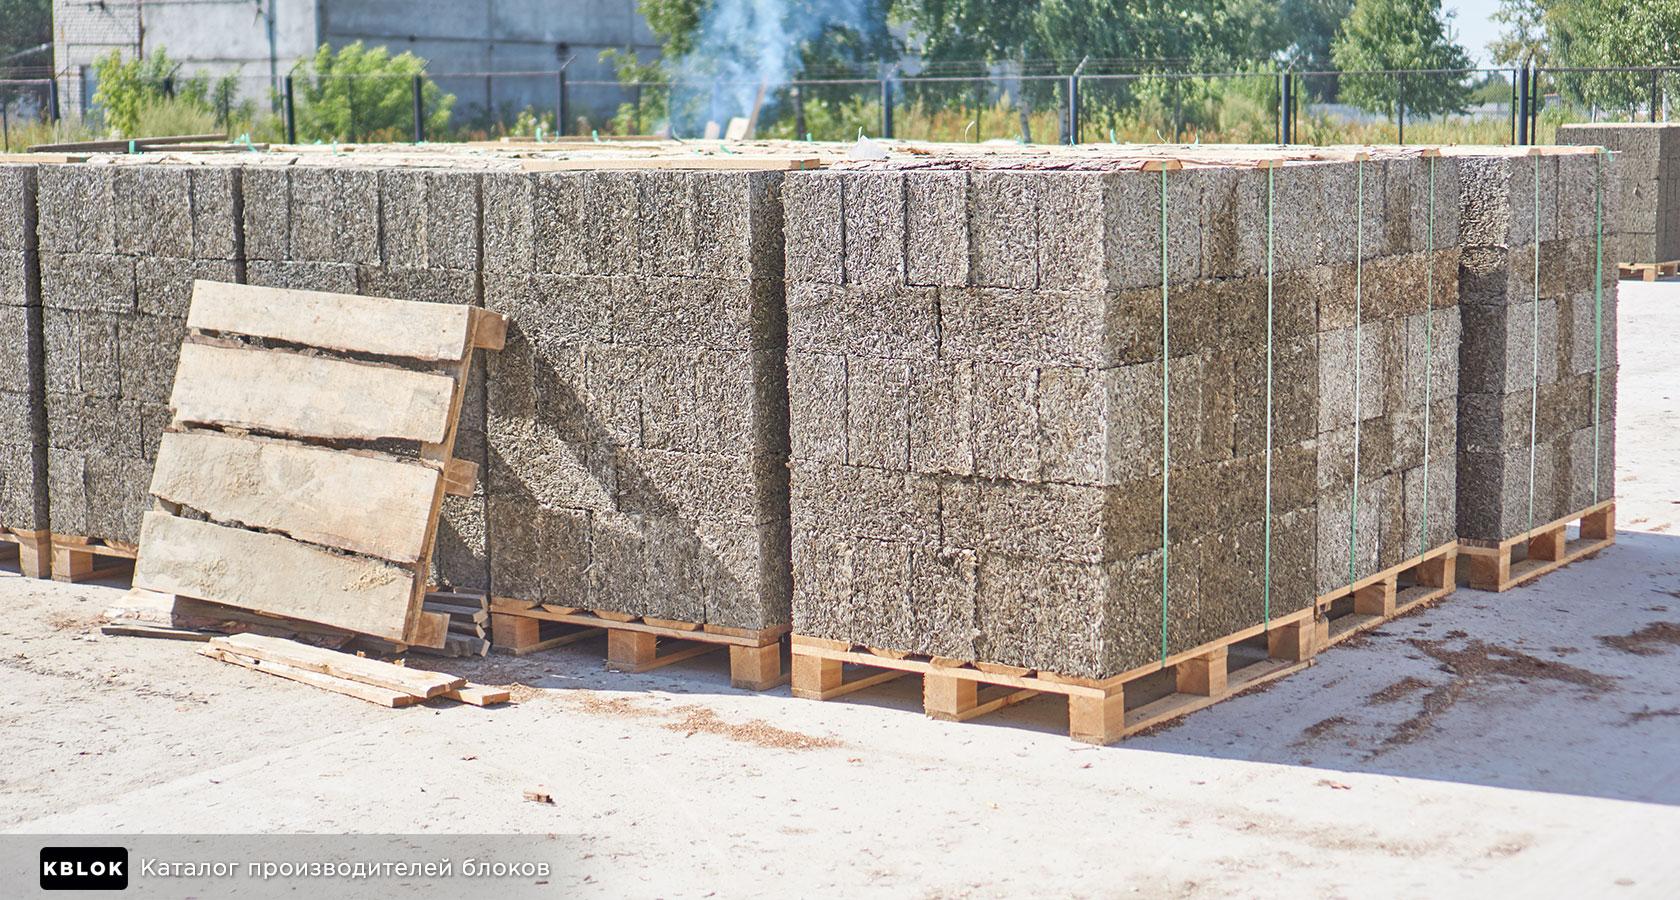 Склад деревобетонных блоков